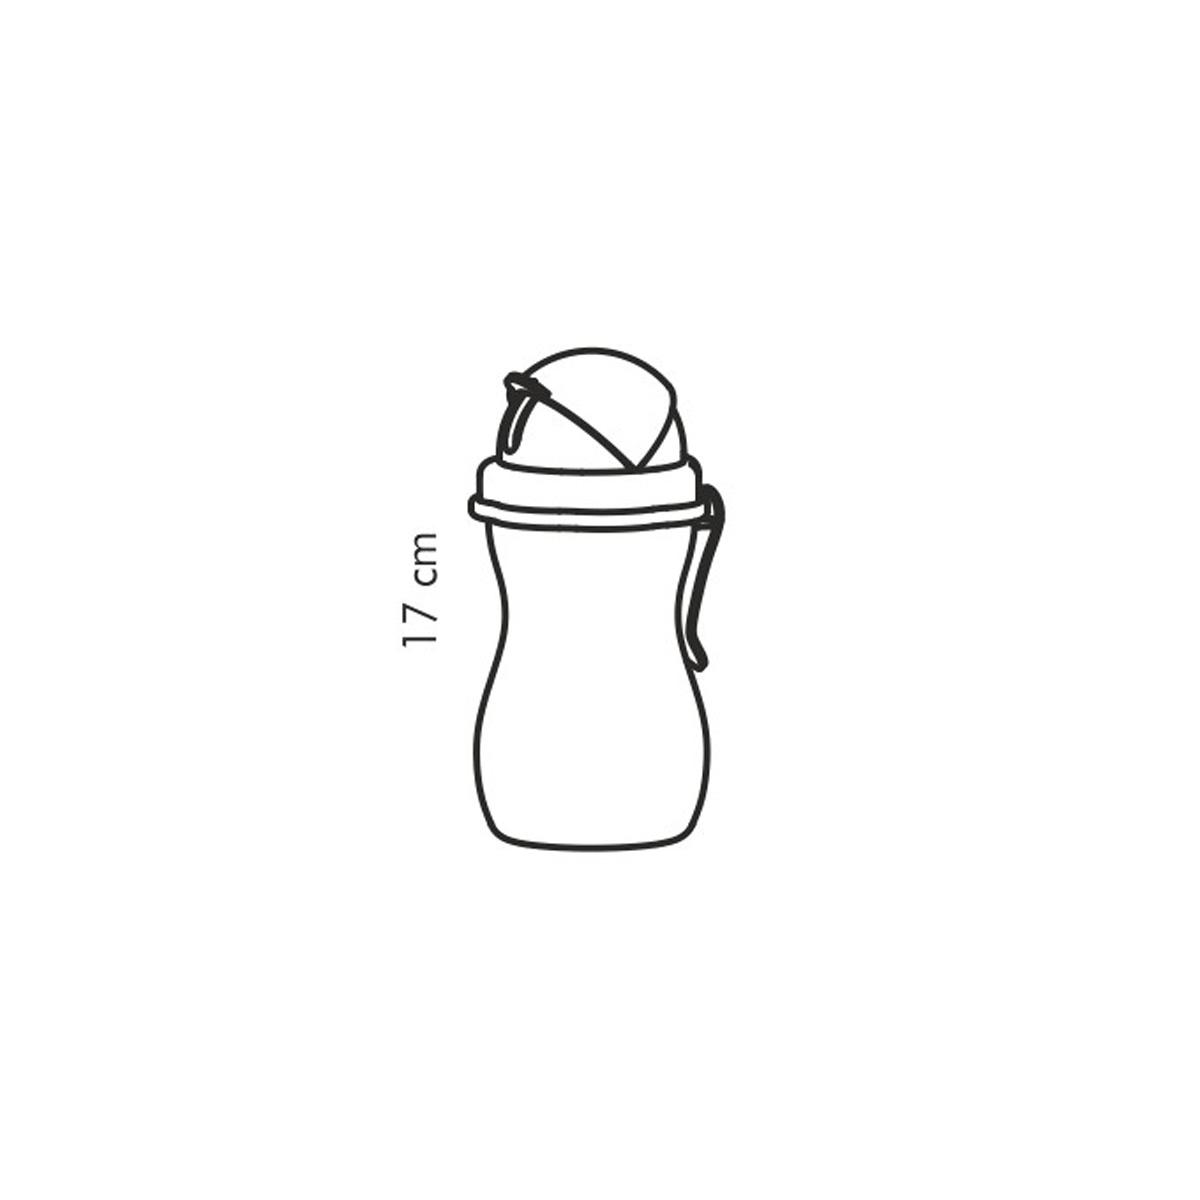 Dětská láhev s brčkem BAMBINI 300 ml